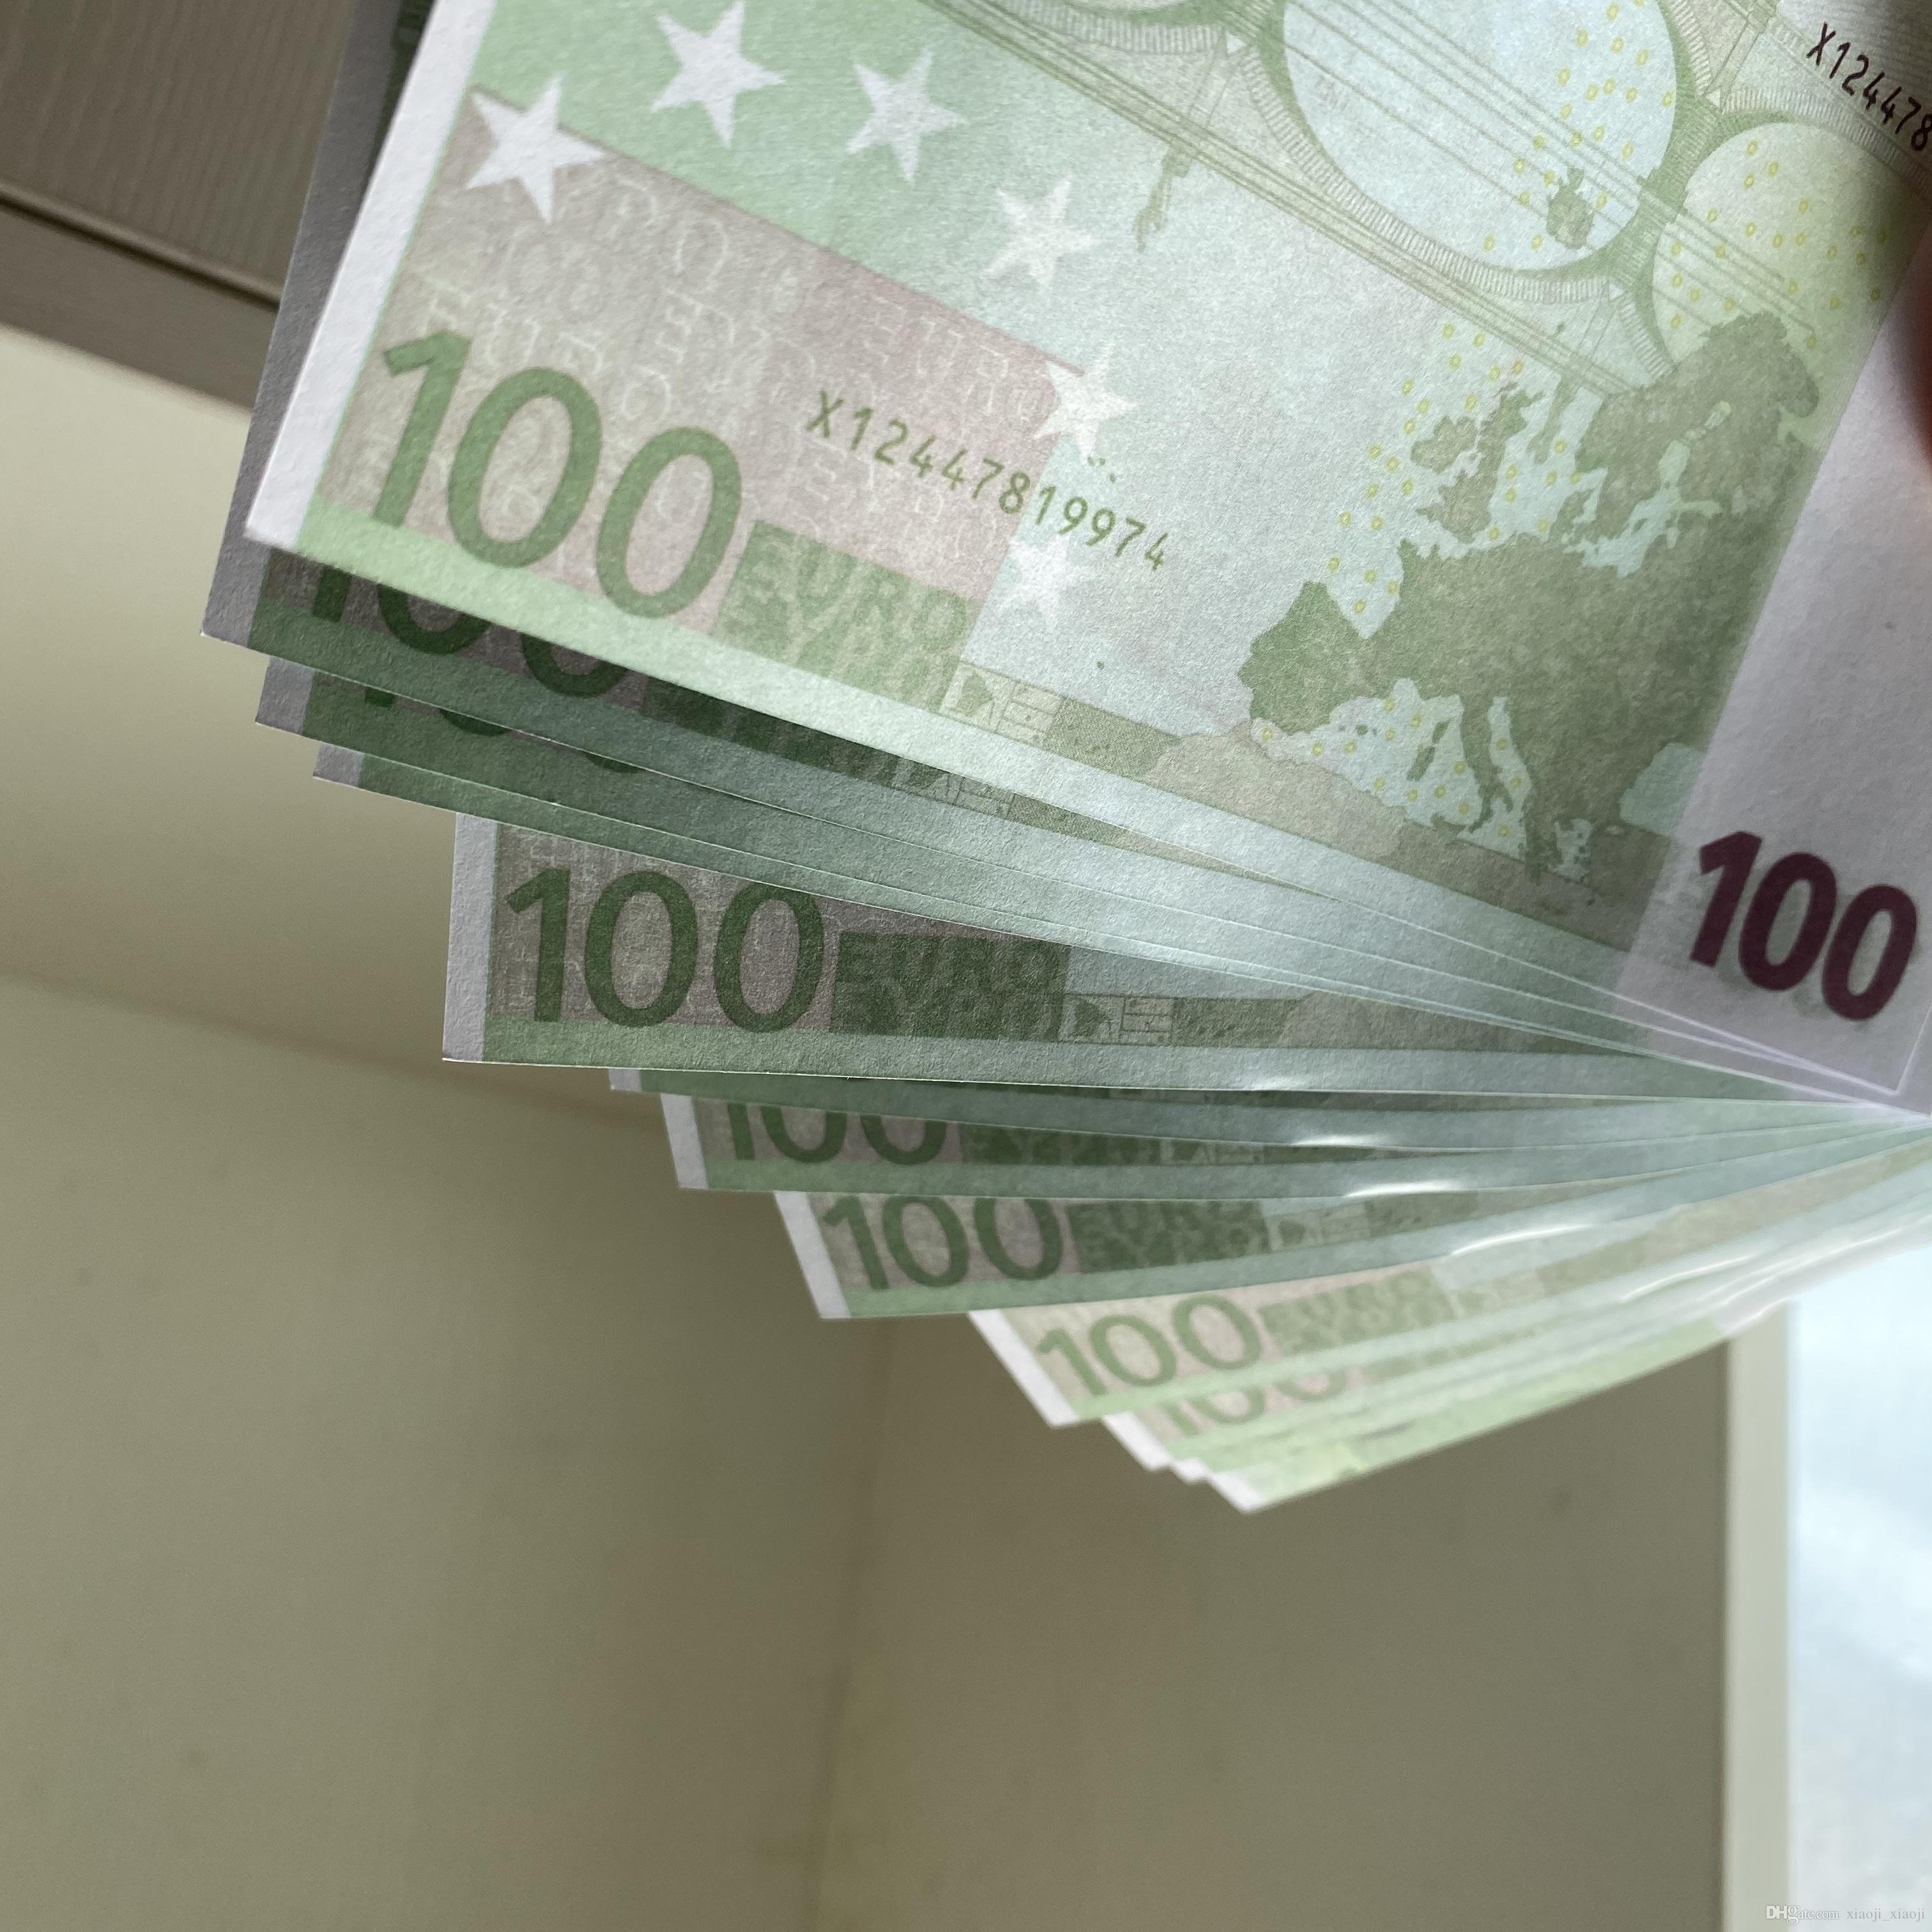 08 Selling Bar Token Pratique Euro Télévision 100 Pièces de monnaie et fausses accessoires Simulation de billets de banque jouet jeu NUGBB